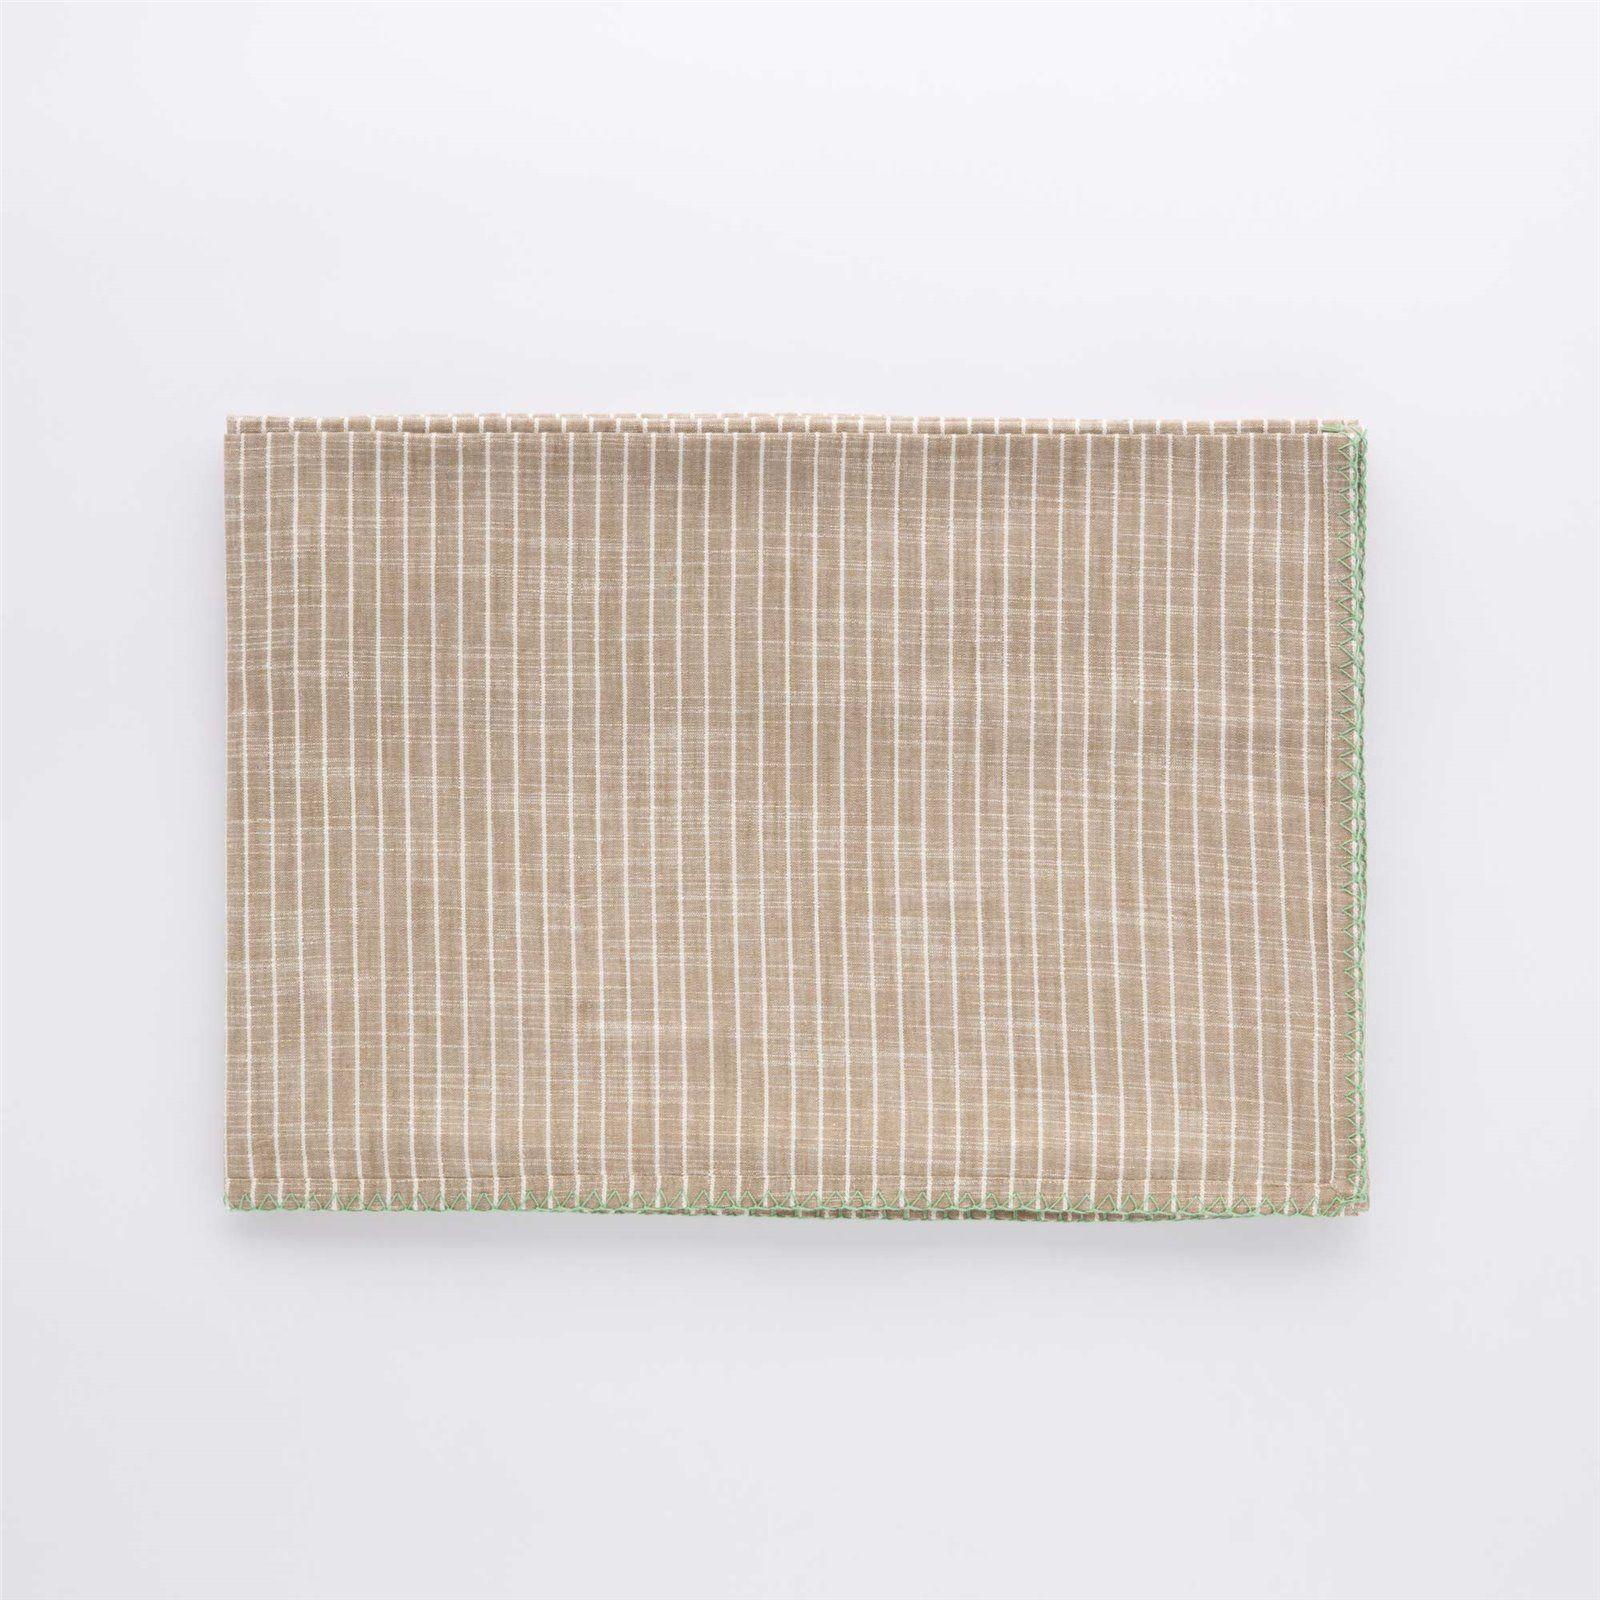 Cote Dazur basket Curtains